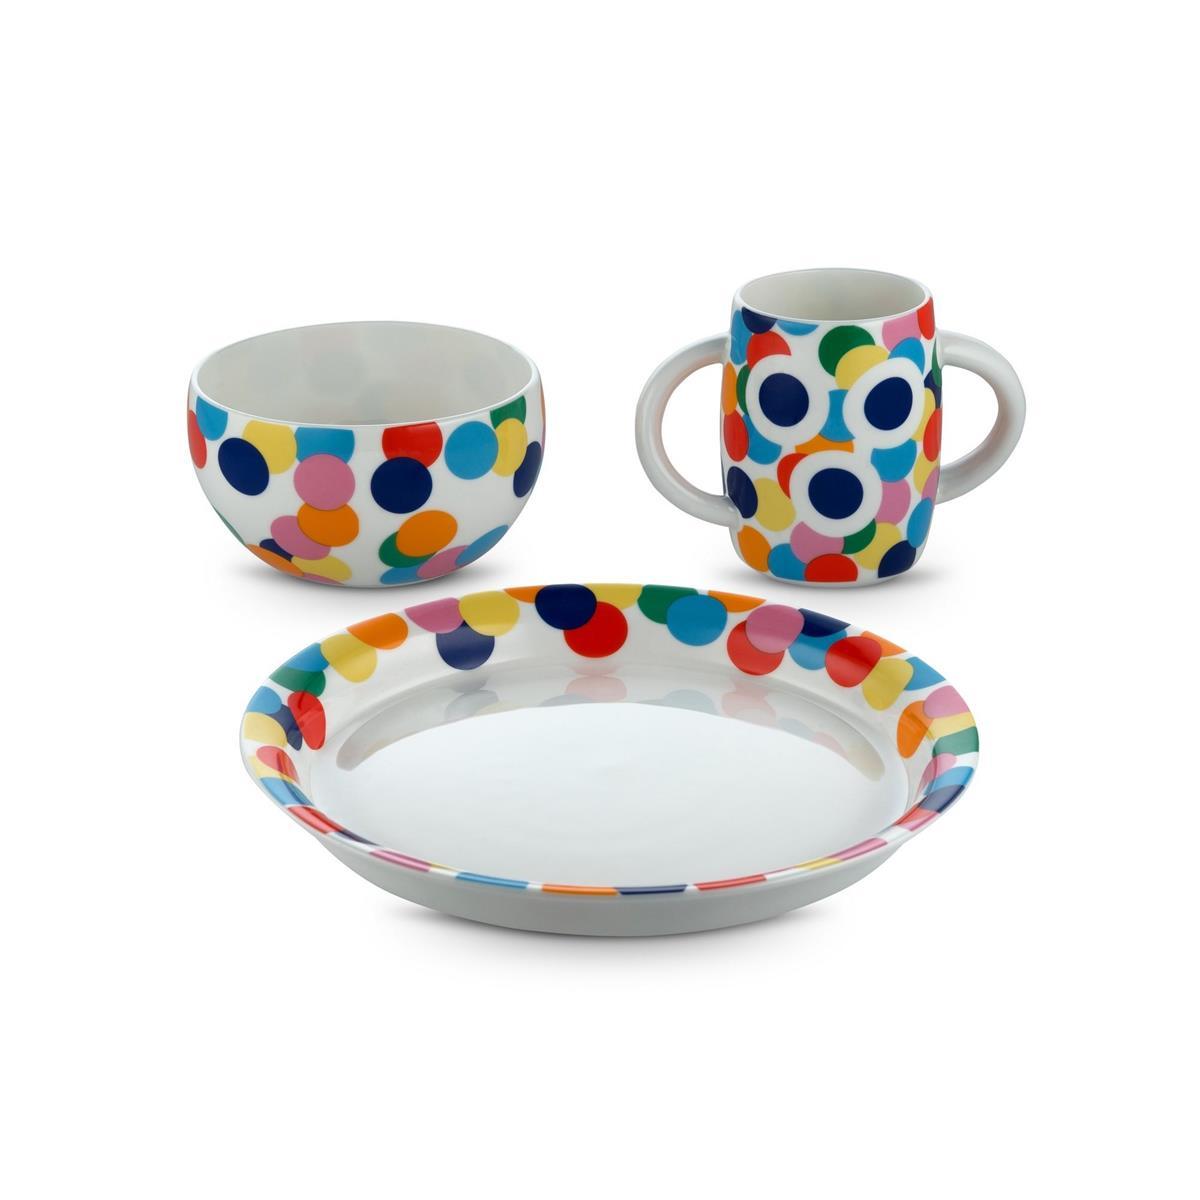 Alessi-Alessini-Proust Set da tavola per bambino in fine bone china